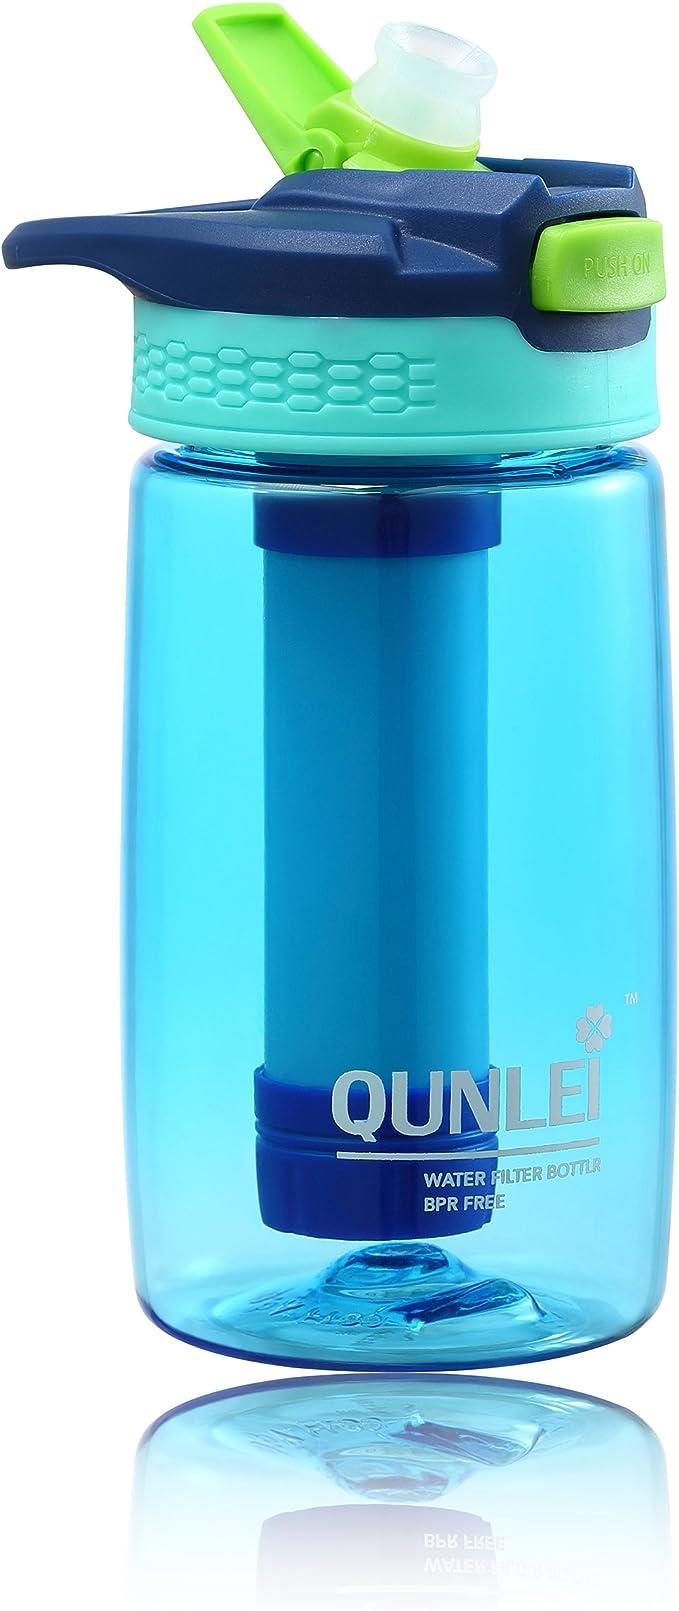 Qunlei Play - Botella de Filtro de Agua para niños con 2 filtros Integrados para Agua Potable Segura y Limpia: Amazon.es: Deportes y aire libre